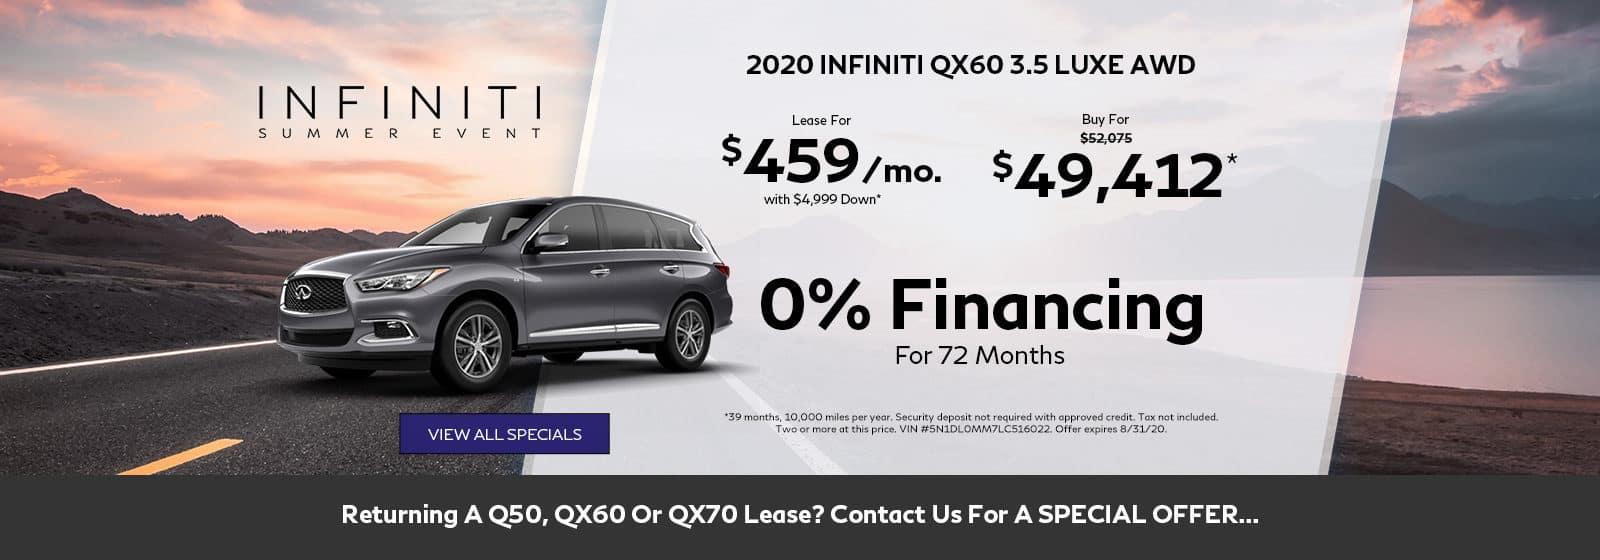 QX60 Special